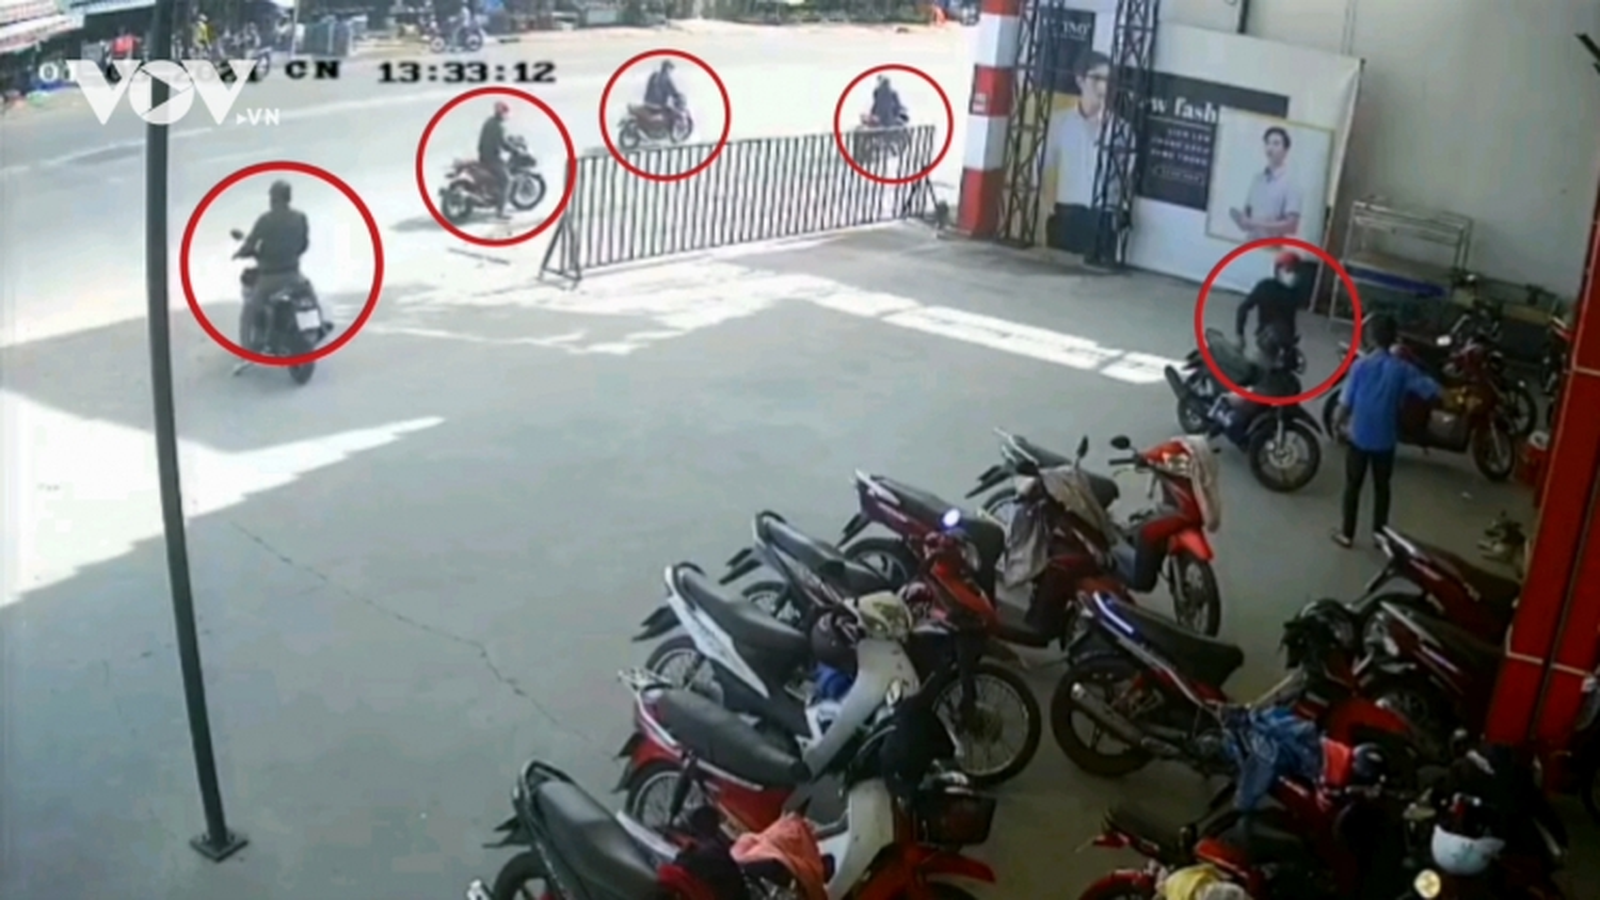 Dàn cảnh trộm, cướp 2 xe máy ngay trước mắt bảo vệ